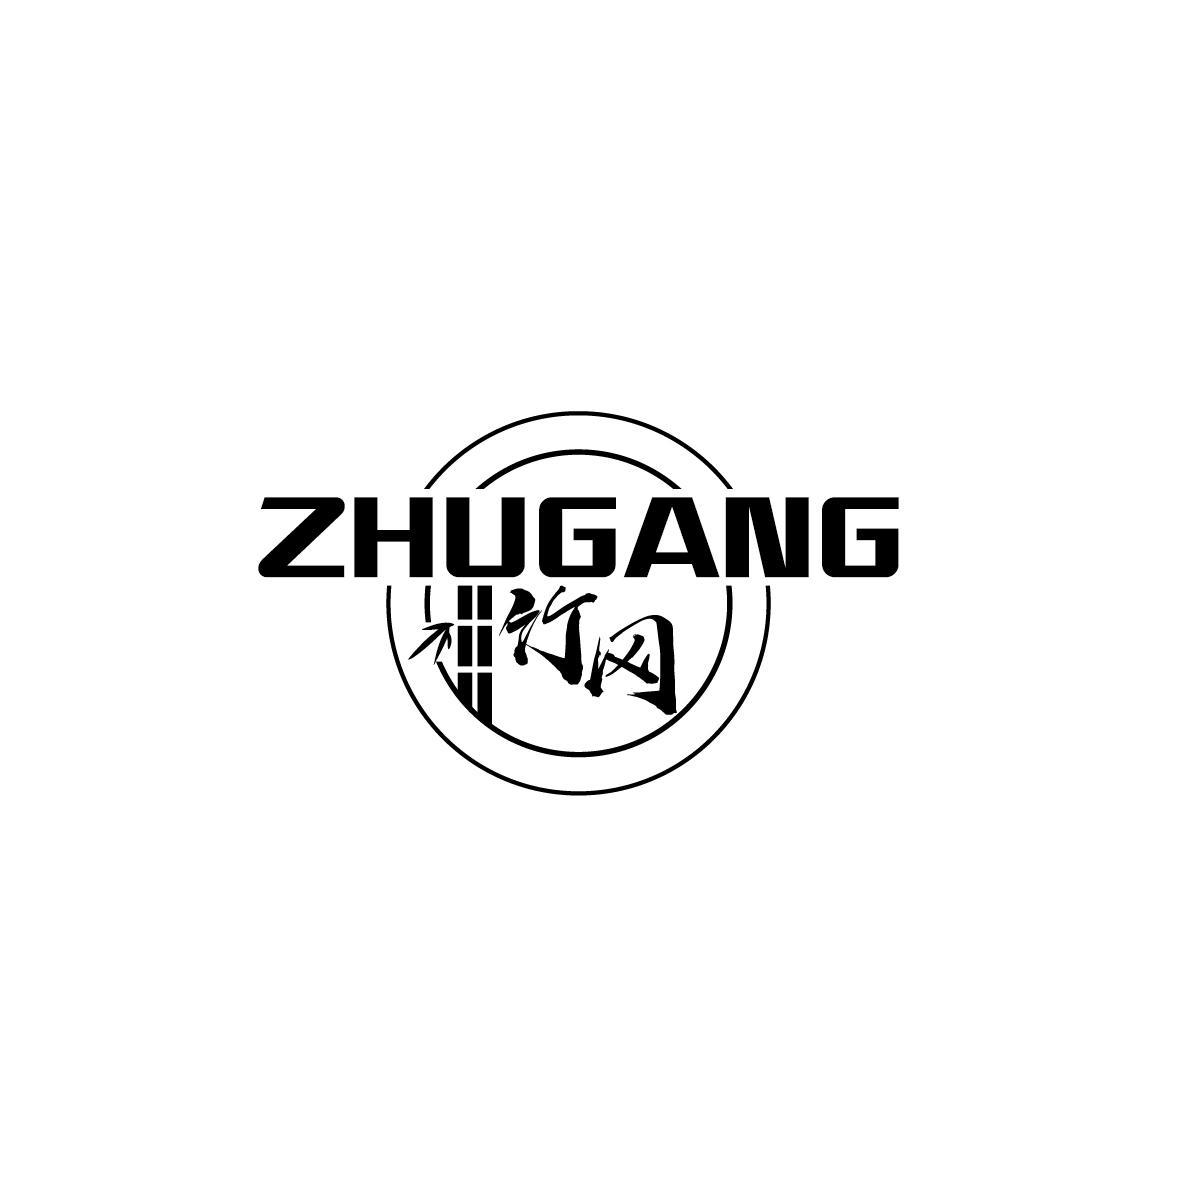 竹冈ZHUGANG